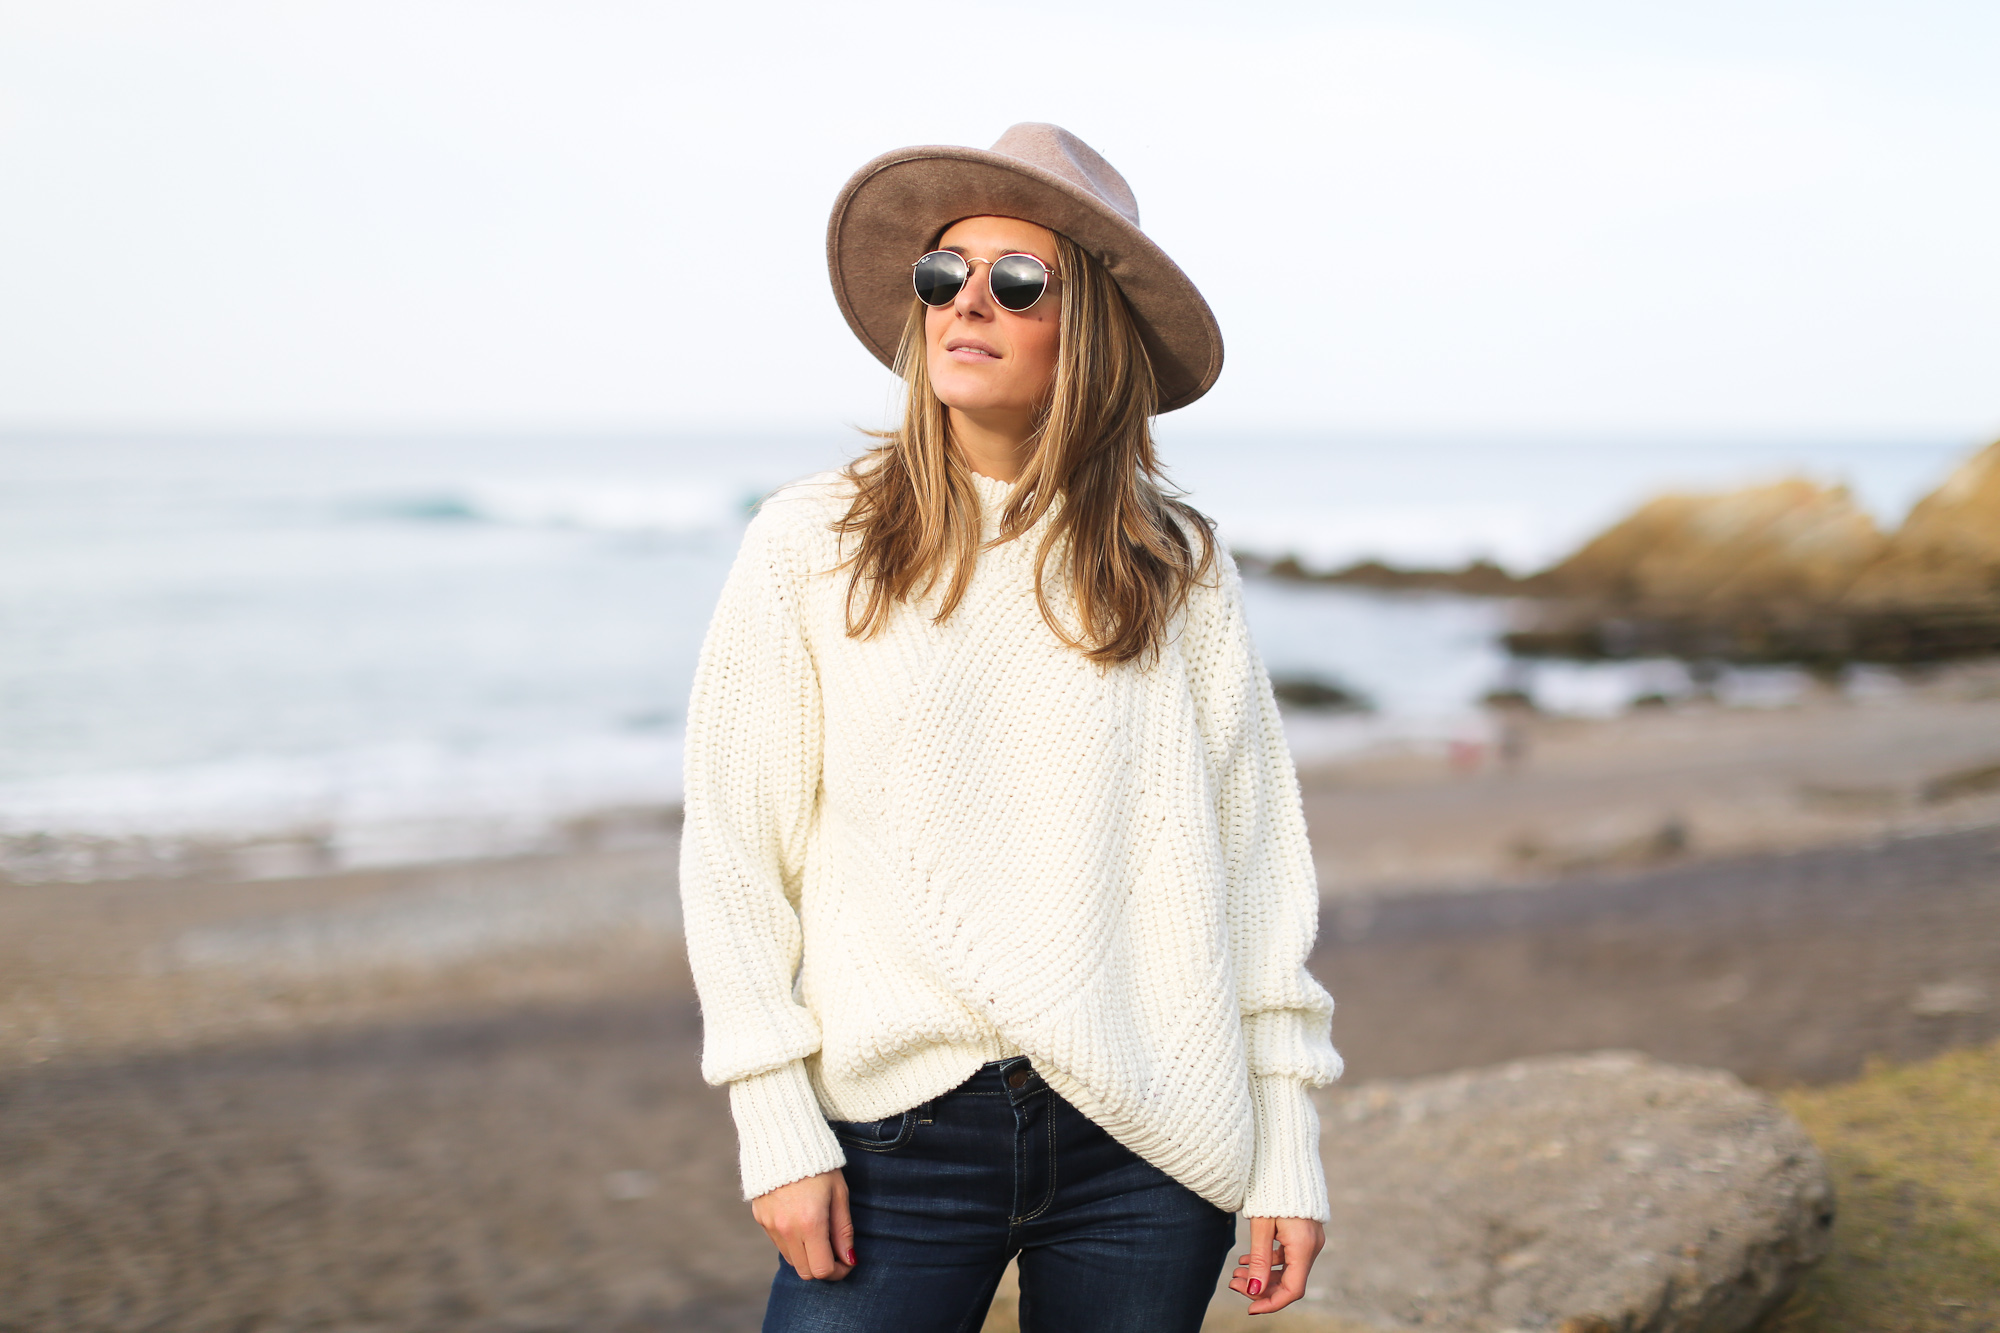 Clochet_streetstyle_bimba&lola_chunky_knit_stradivarius_fedora_hat-7